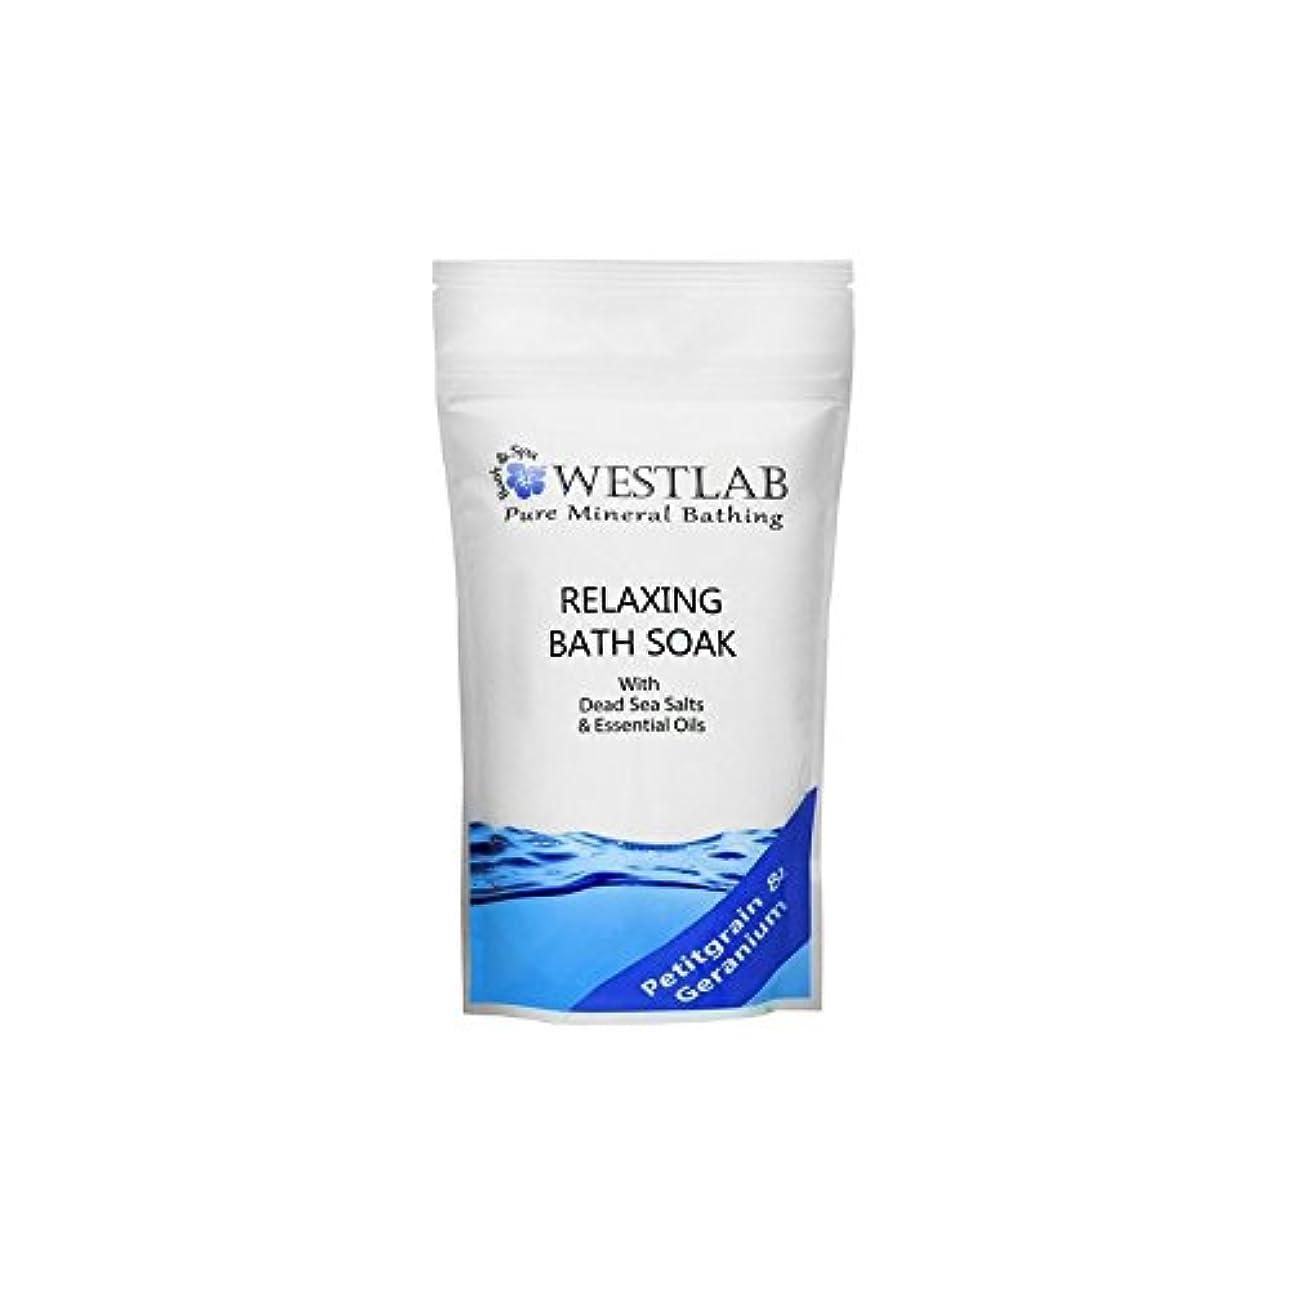 ストリーム聖職者マーキー死海の塩浴浸漬(500グラム)をリラックス x2 - Westlab Relax Dead Sea Salt Bath Soak (500g) (Pack of 2) [並行輸入品]